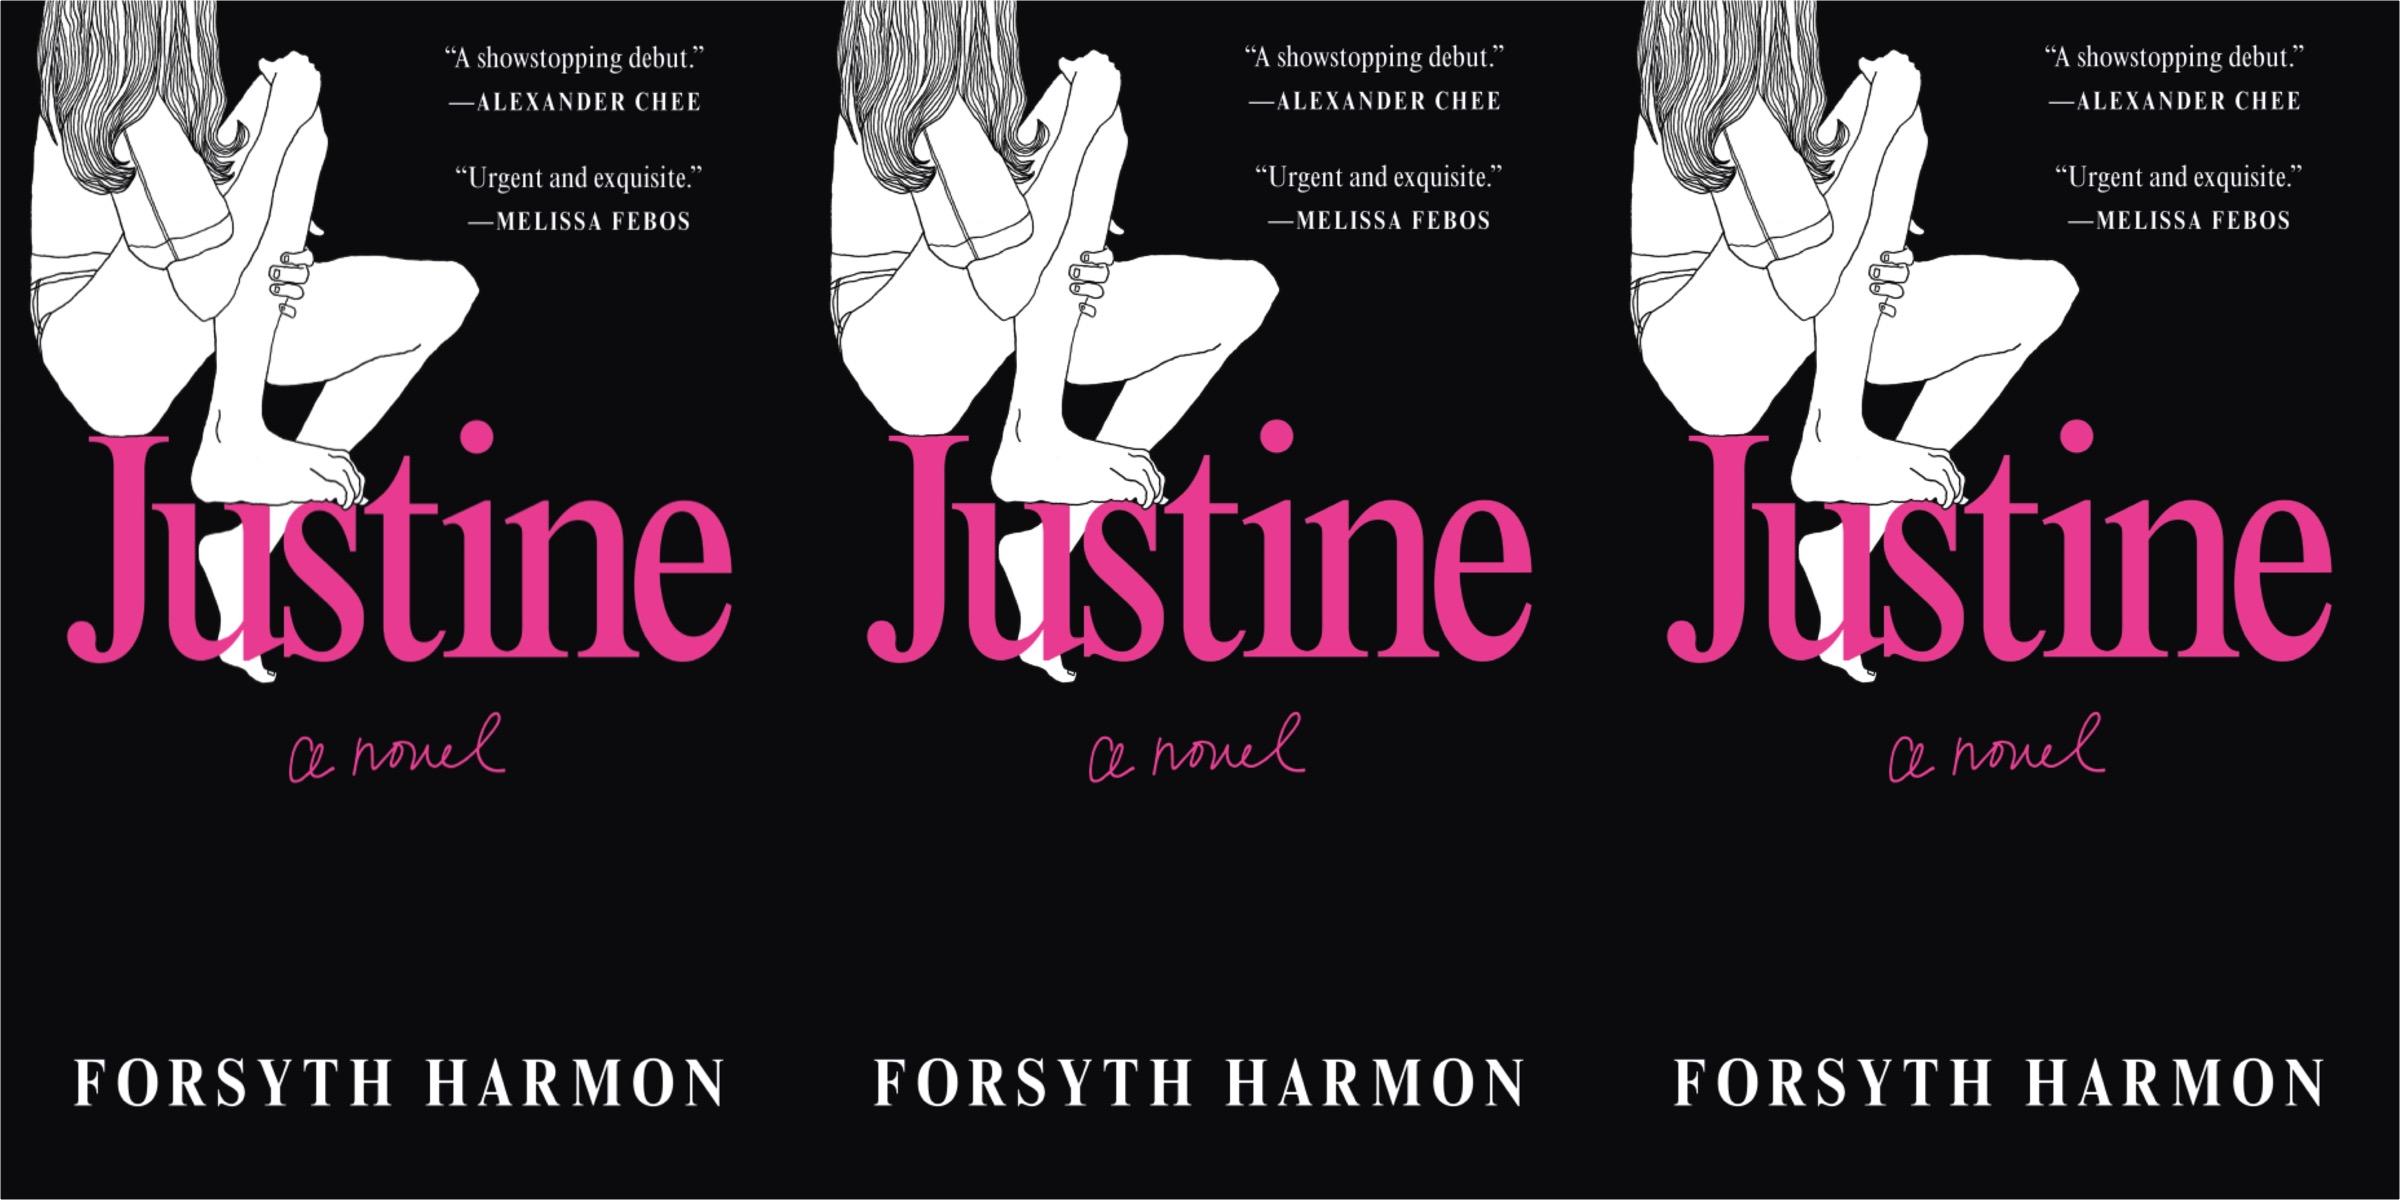 Trois images répétées de la couverture de JUSTINE de Forsythe Harmon